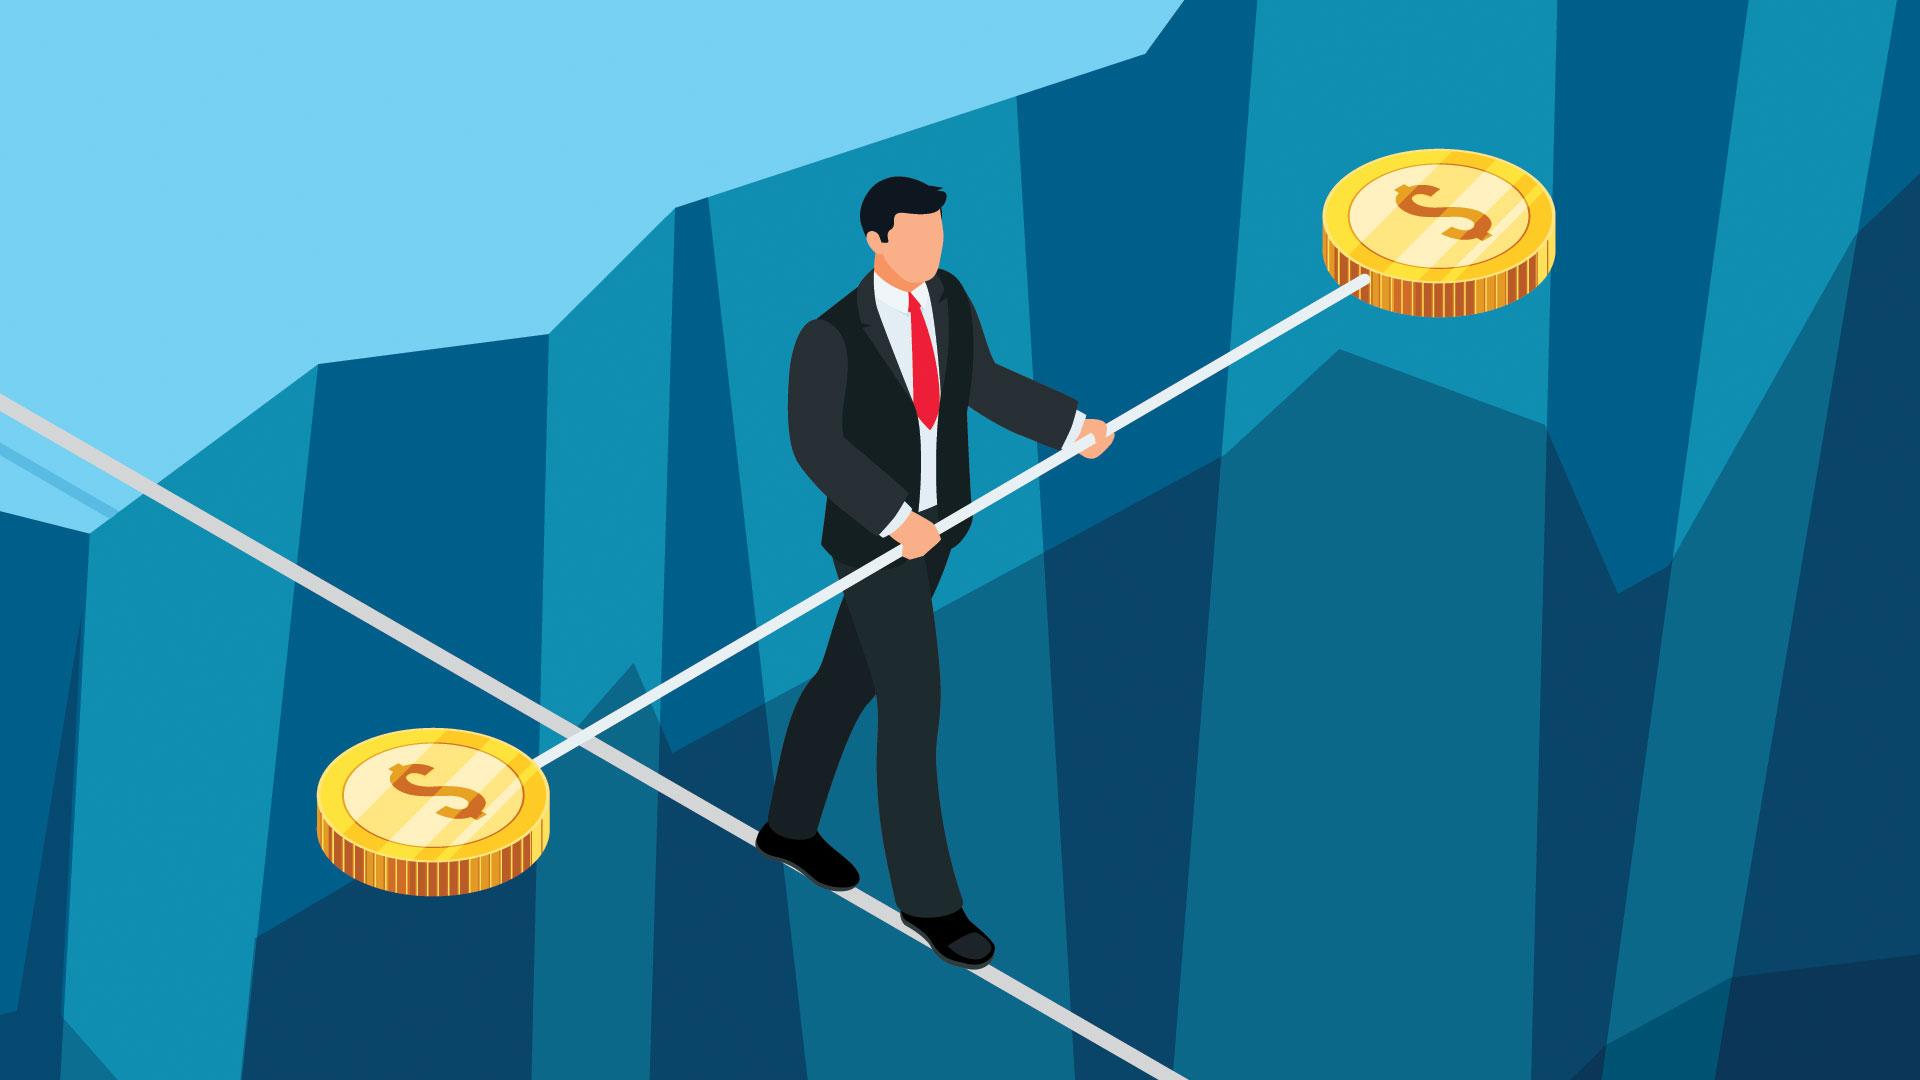 数字币监管潮:市值已突破1000亿美元,美国监管层盯上了稳定币